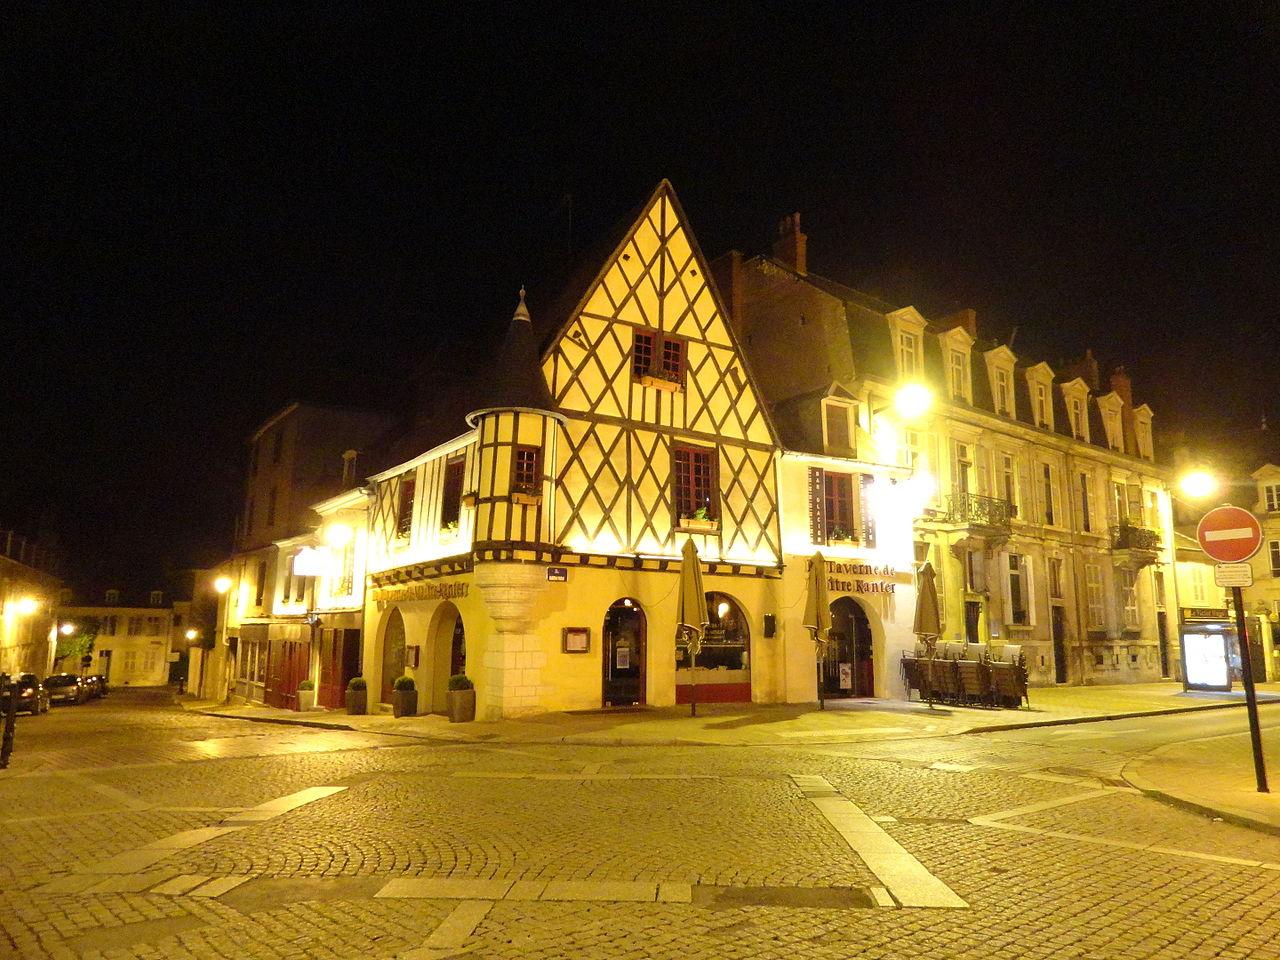 Centre ville de Bourges Cimm Immobilier Mehun sur yévre 18